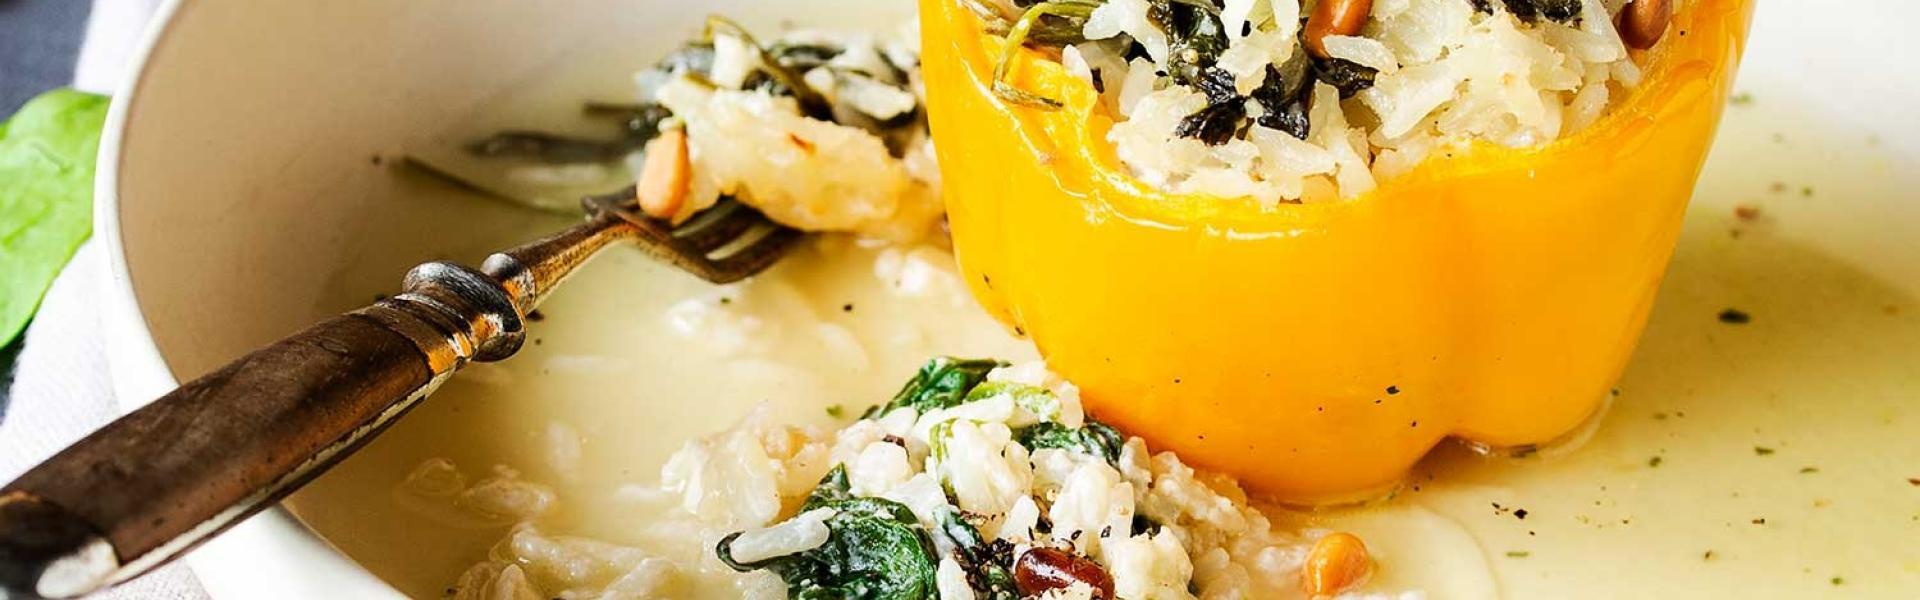 Gefüllte Paprika mit Reis auf einem Teller angerichtet.